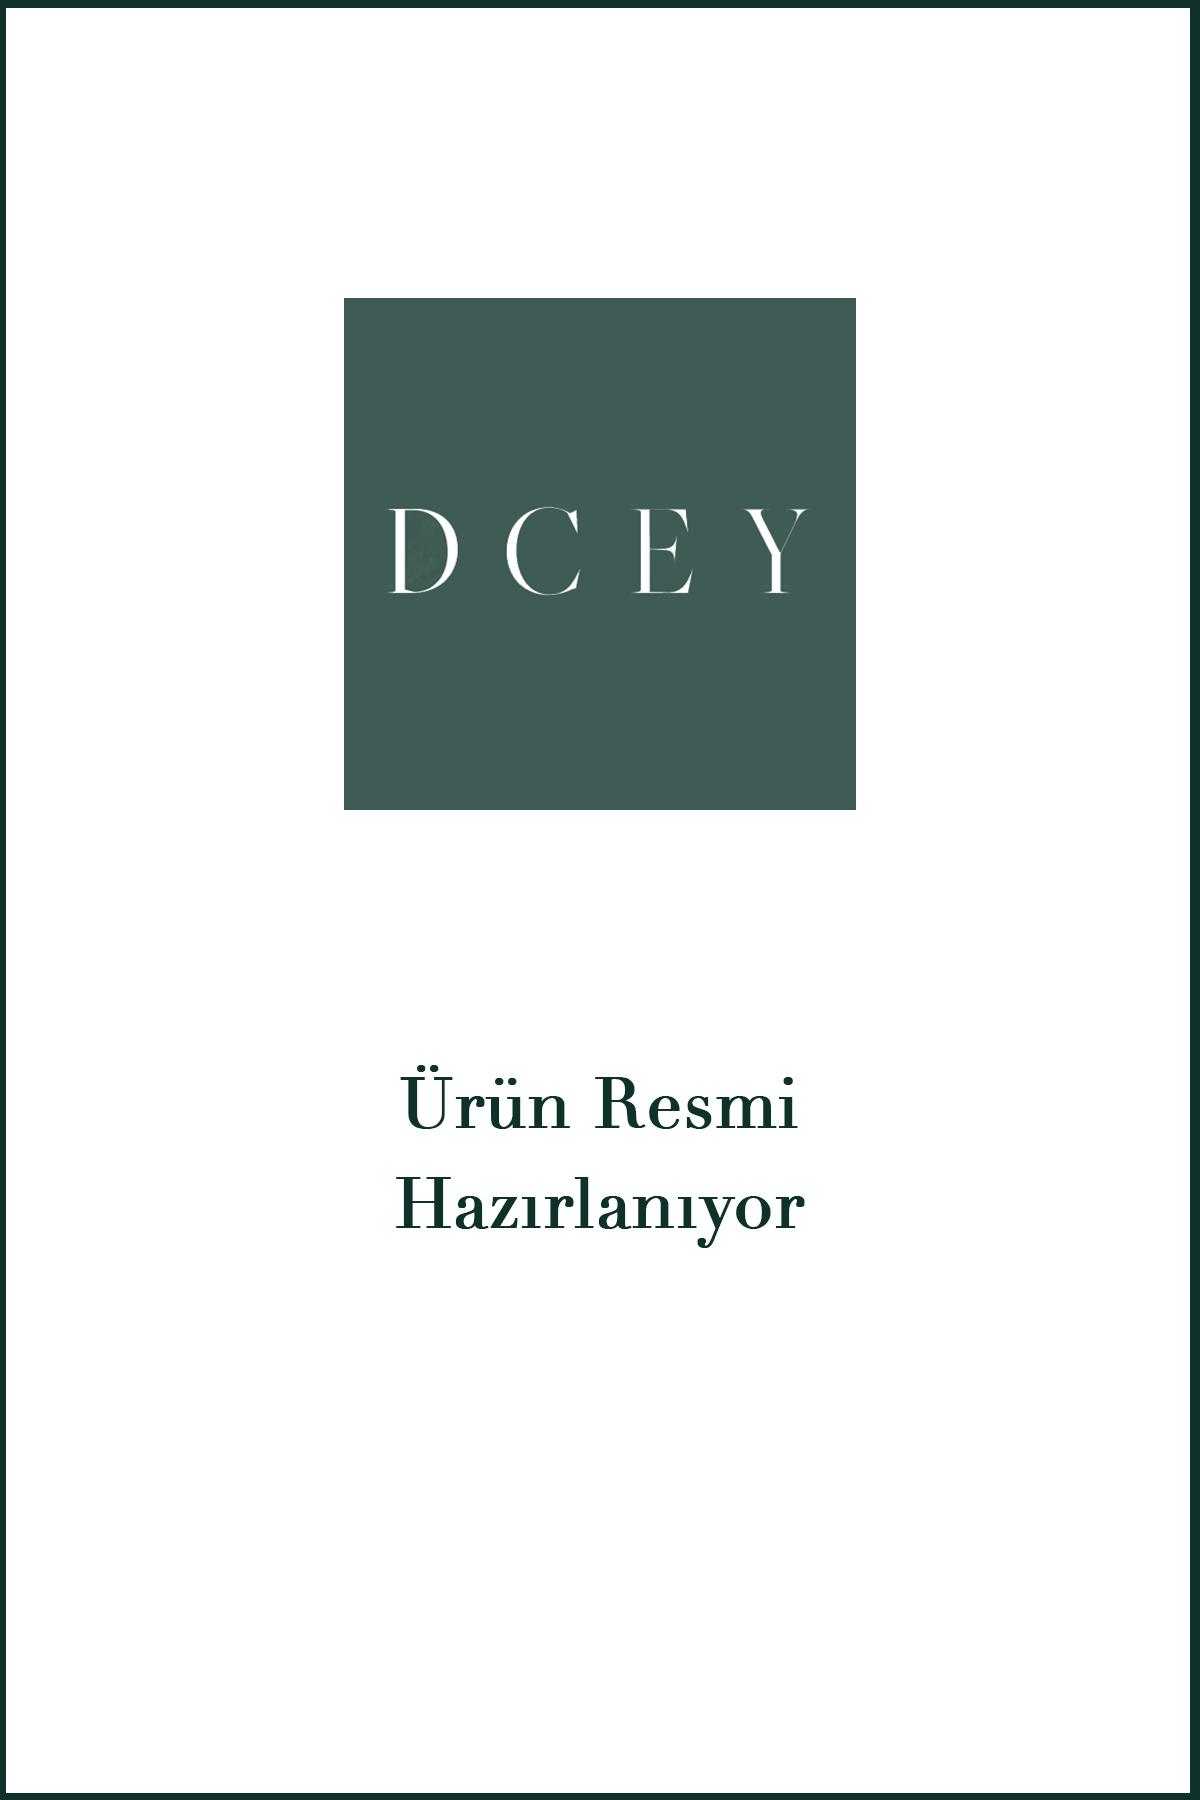 2019 İçin Hem Lezzetli Hem de Şık Düğün Pastası Önerileri